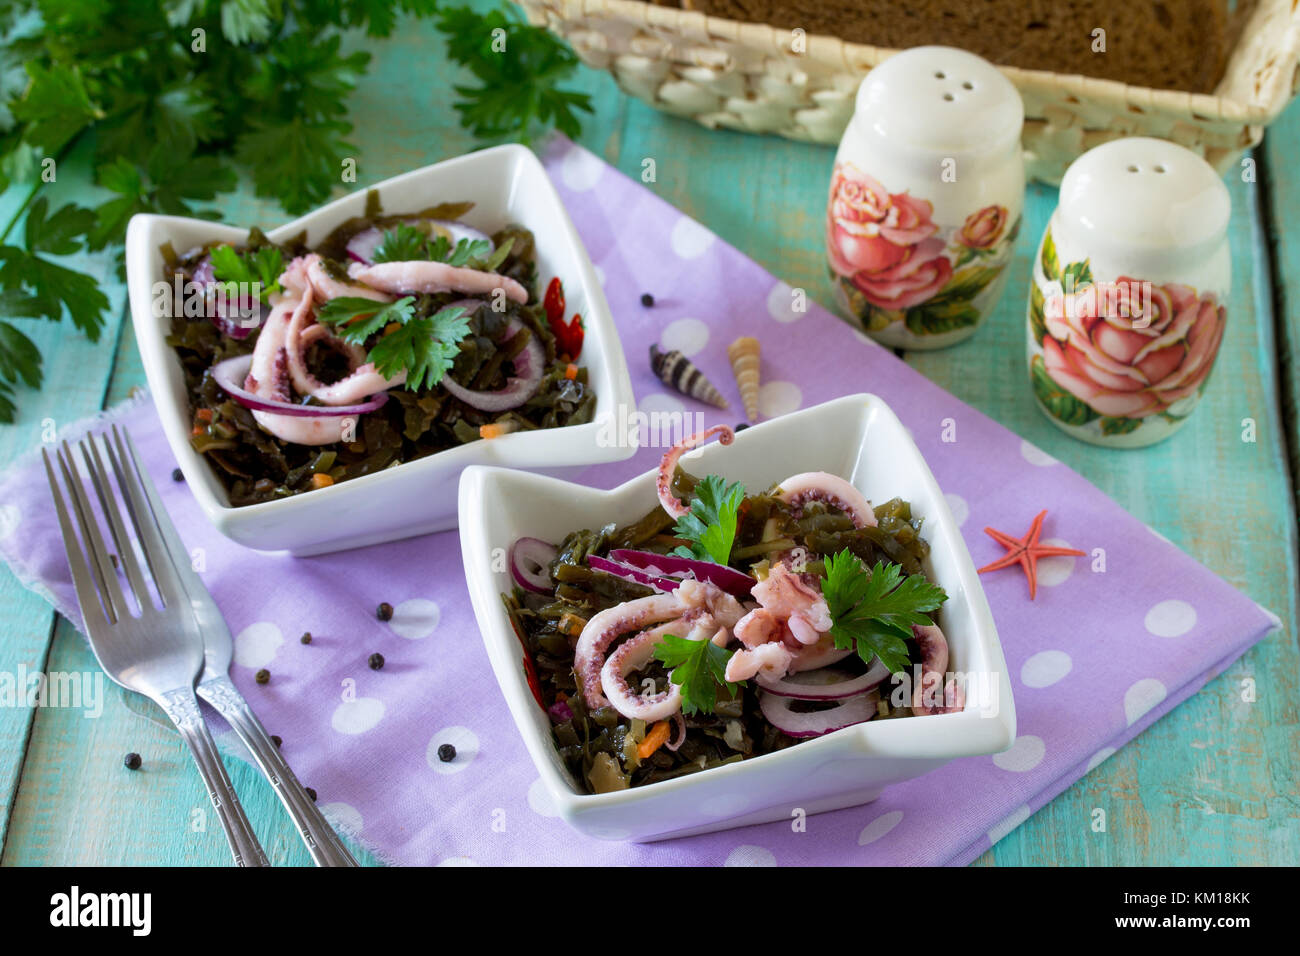 Hausgemachte Snacks auf dem festlichen Tisch. Salat mit Octopus und Meer Kohl. Stockbild